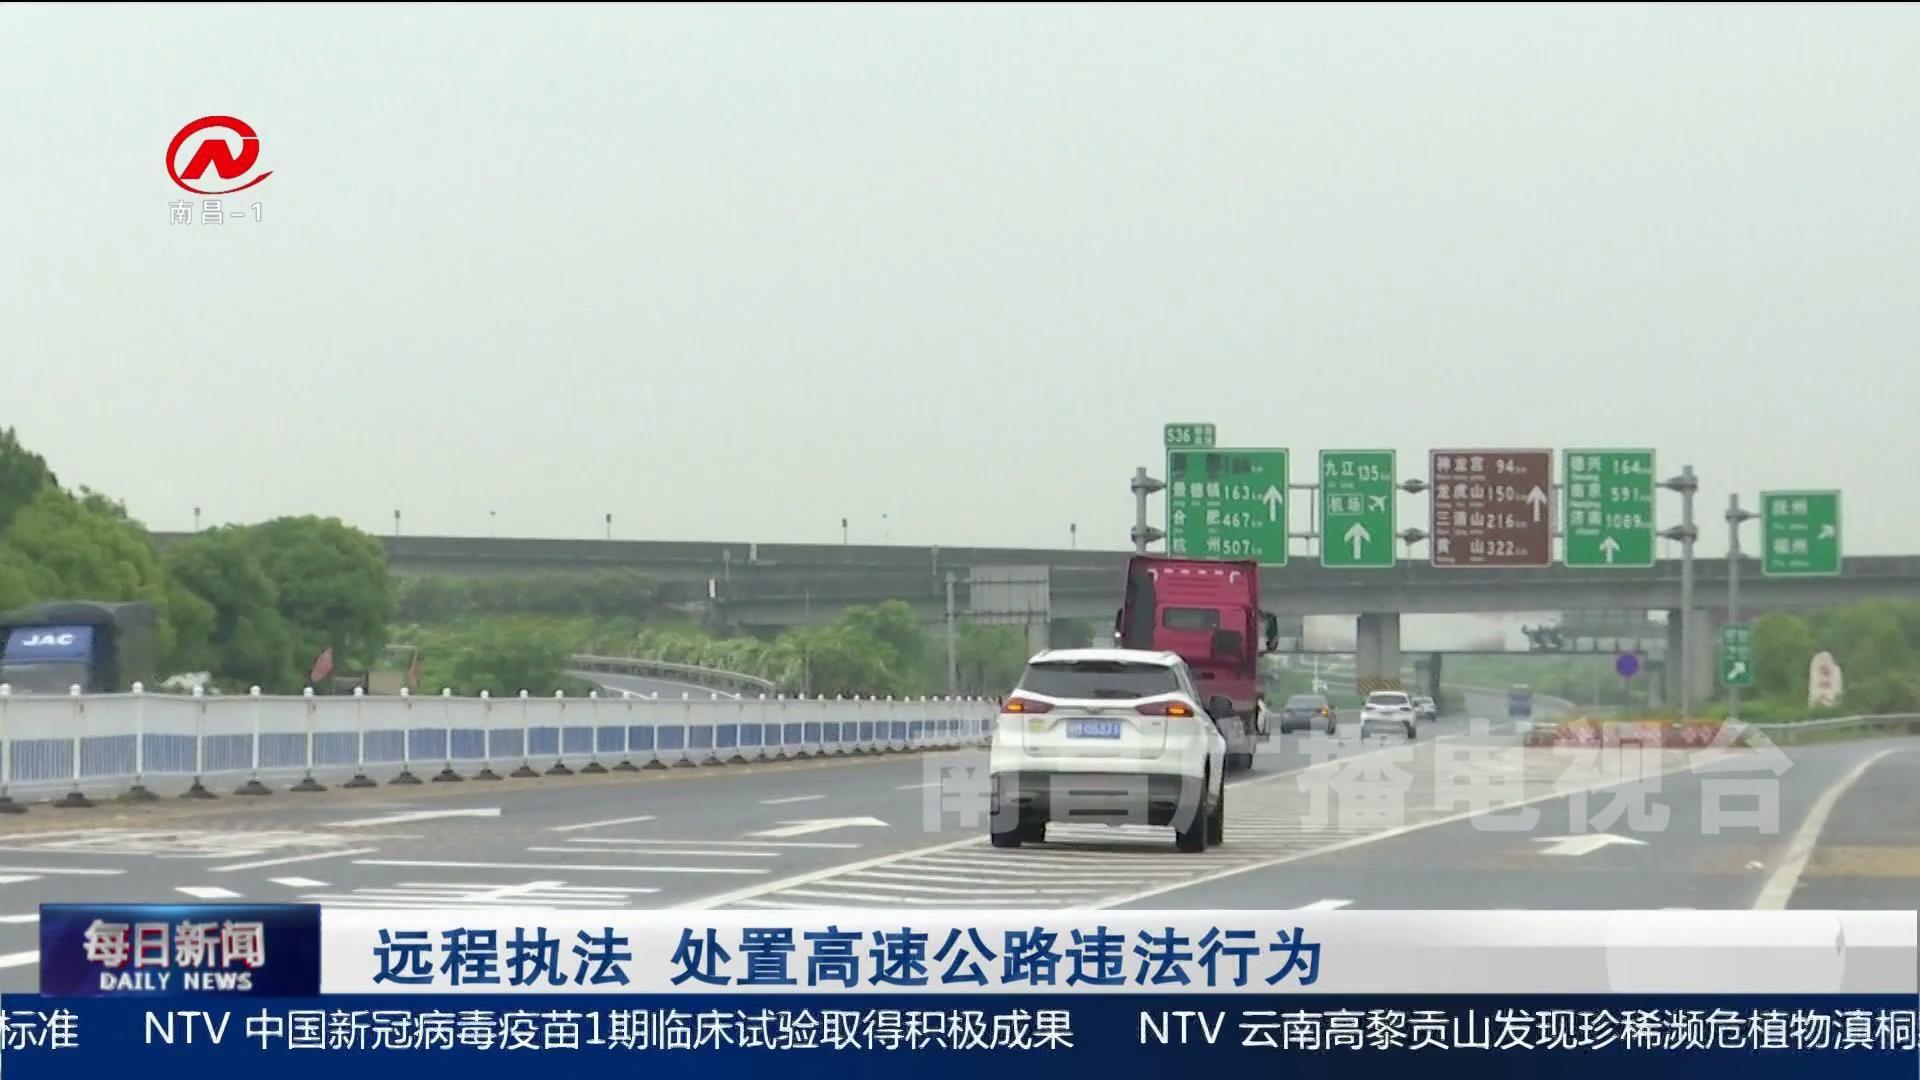 遠程執法  處置高速公路違法行為